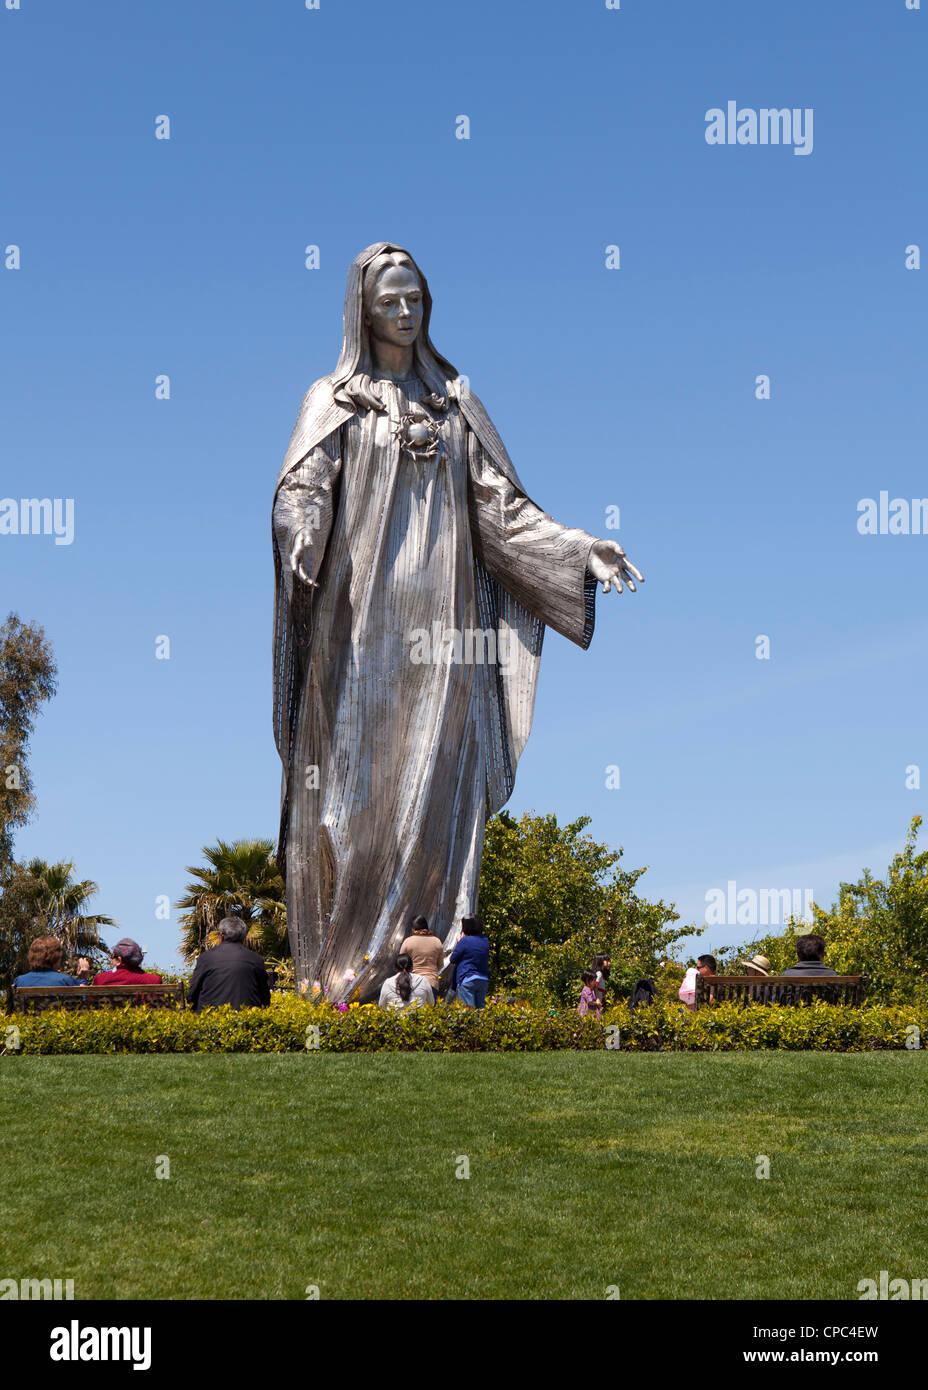 Acero inoxidable estatua de la Virgen María Imagen De Stock